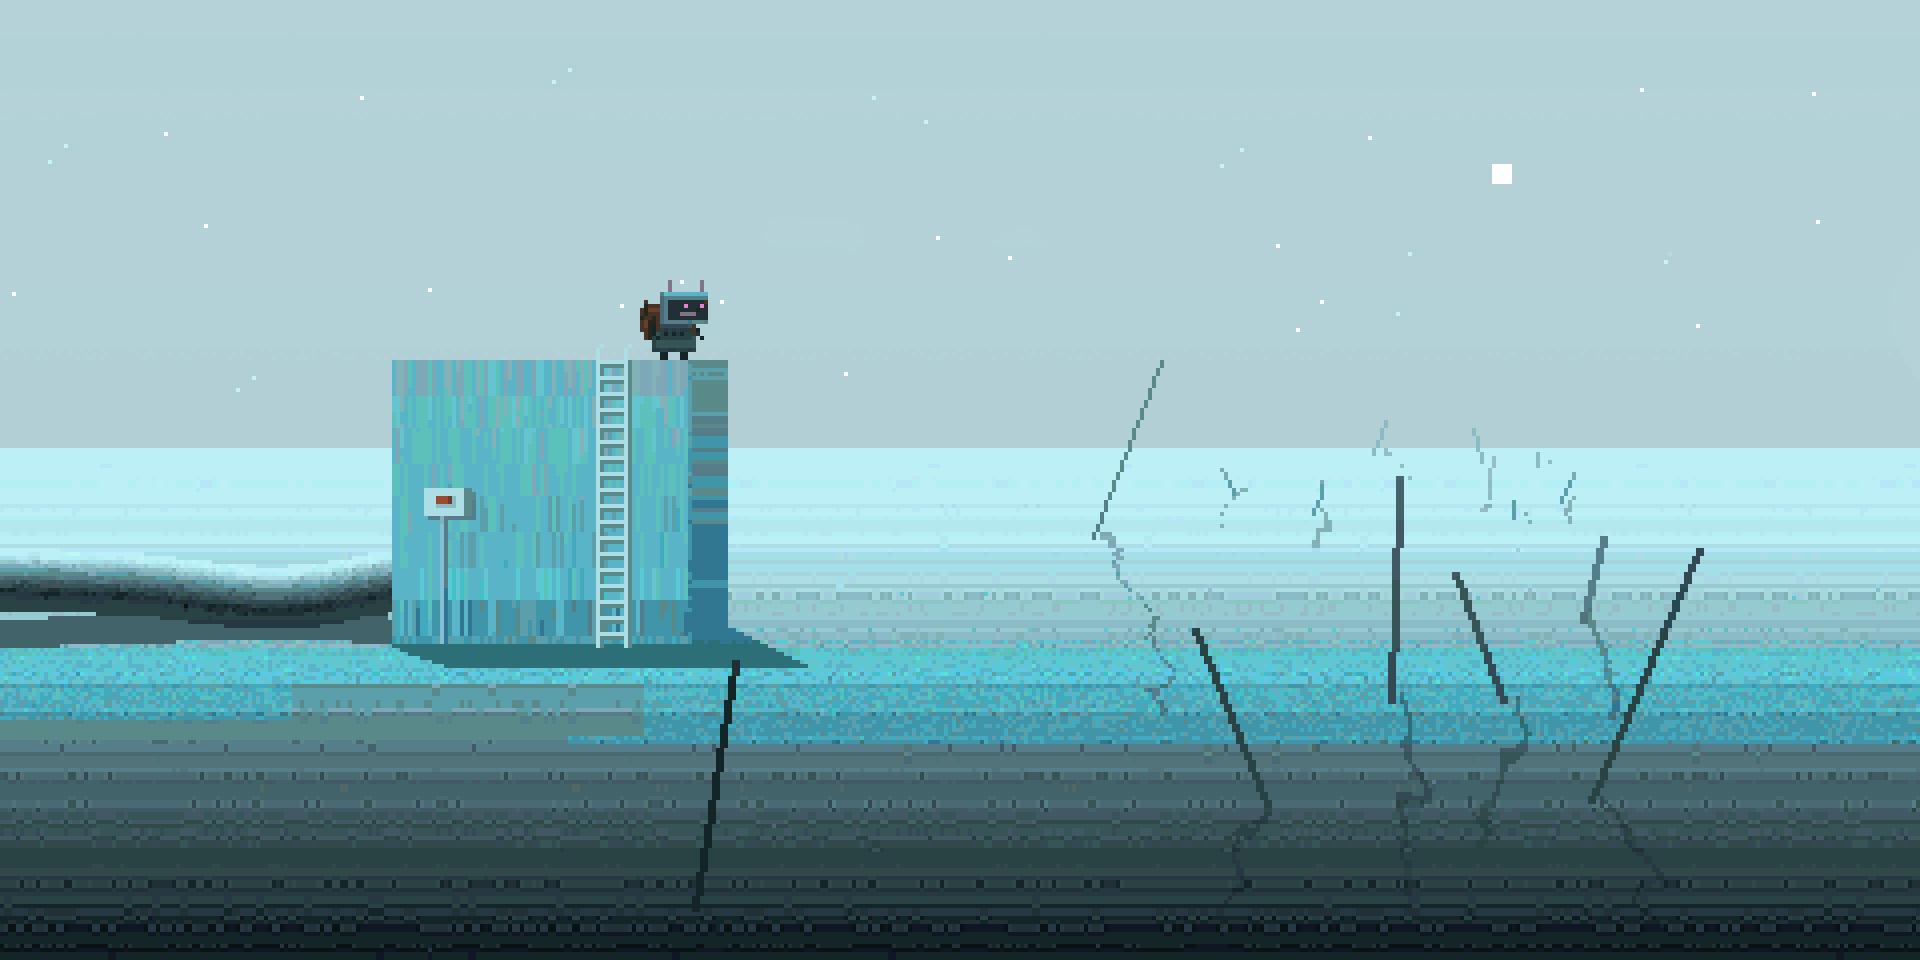 DAOmadness — Pixel artist Zennyan